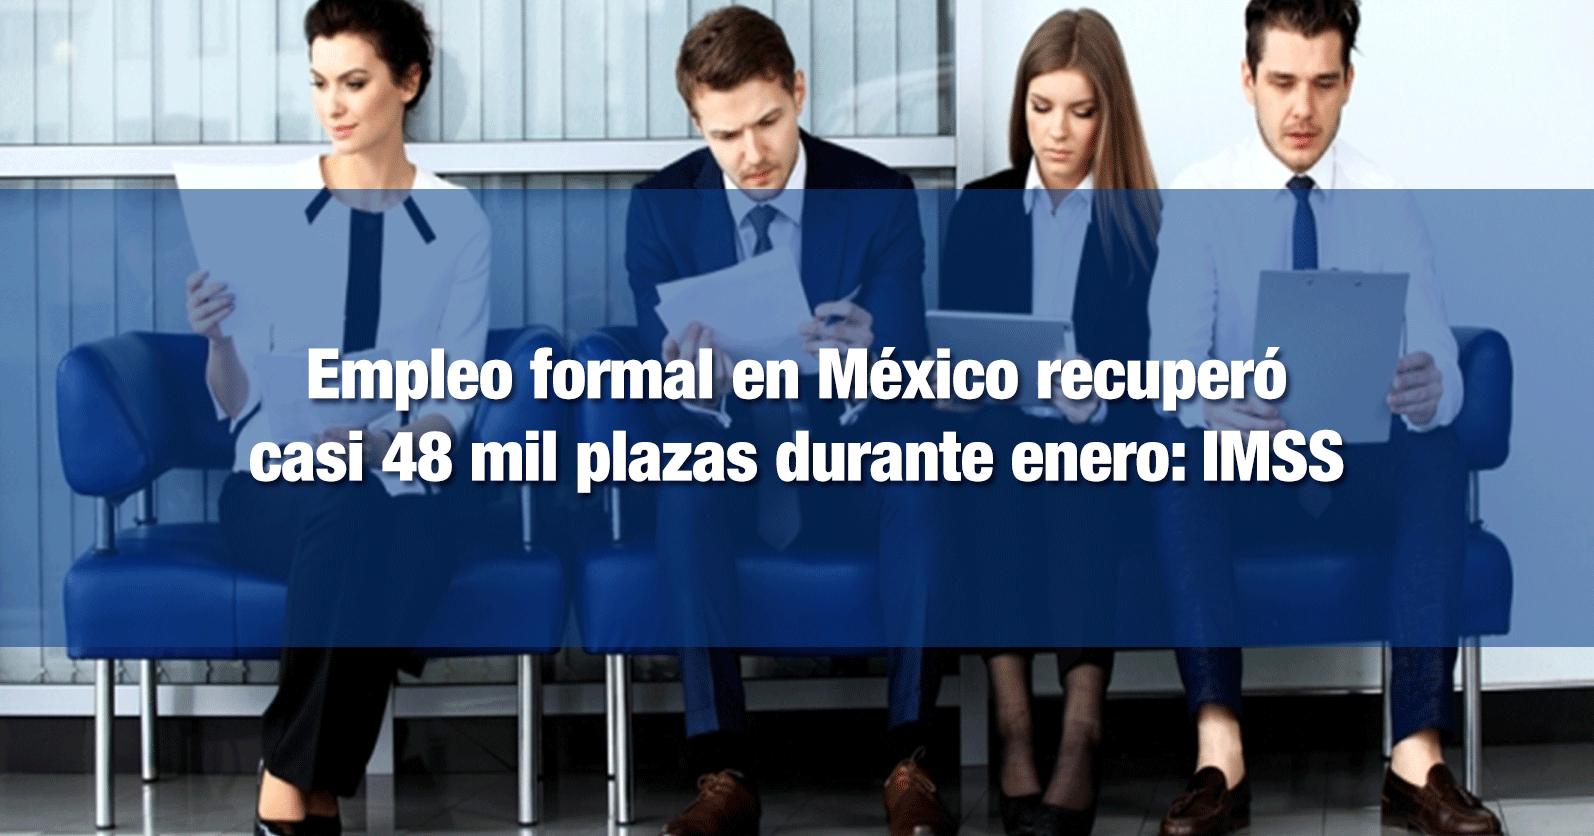 Empleo formal en México recuperó casi 48 mil plazas durante enero: IMSS